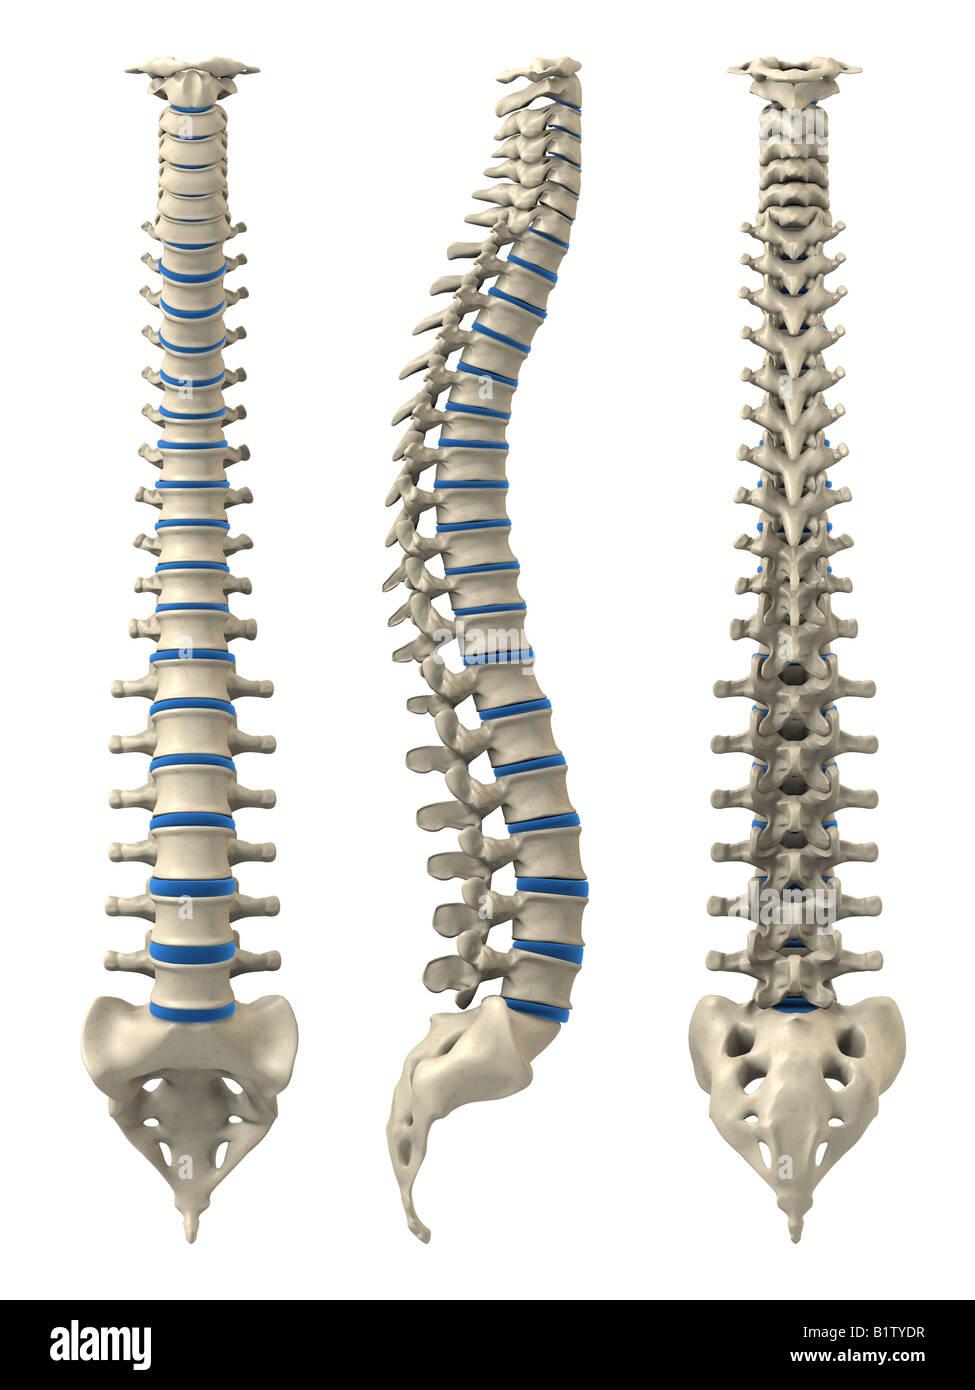 columna vertebral humana Foto & Imagen De Stock: 18373427 - Alamy